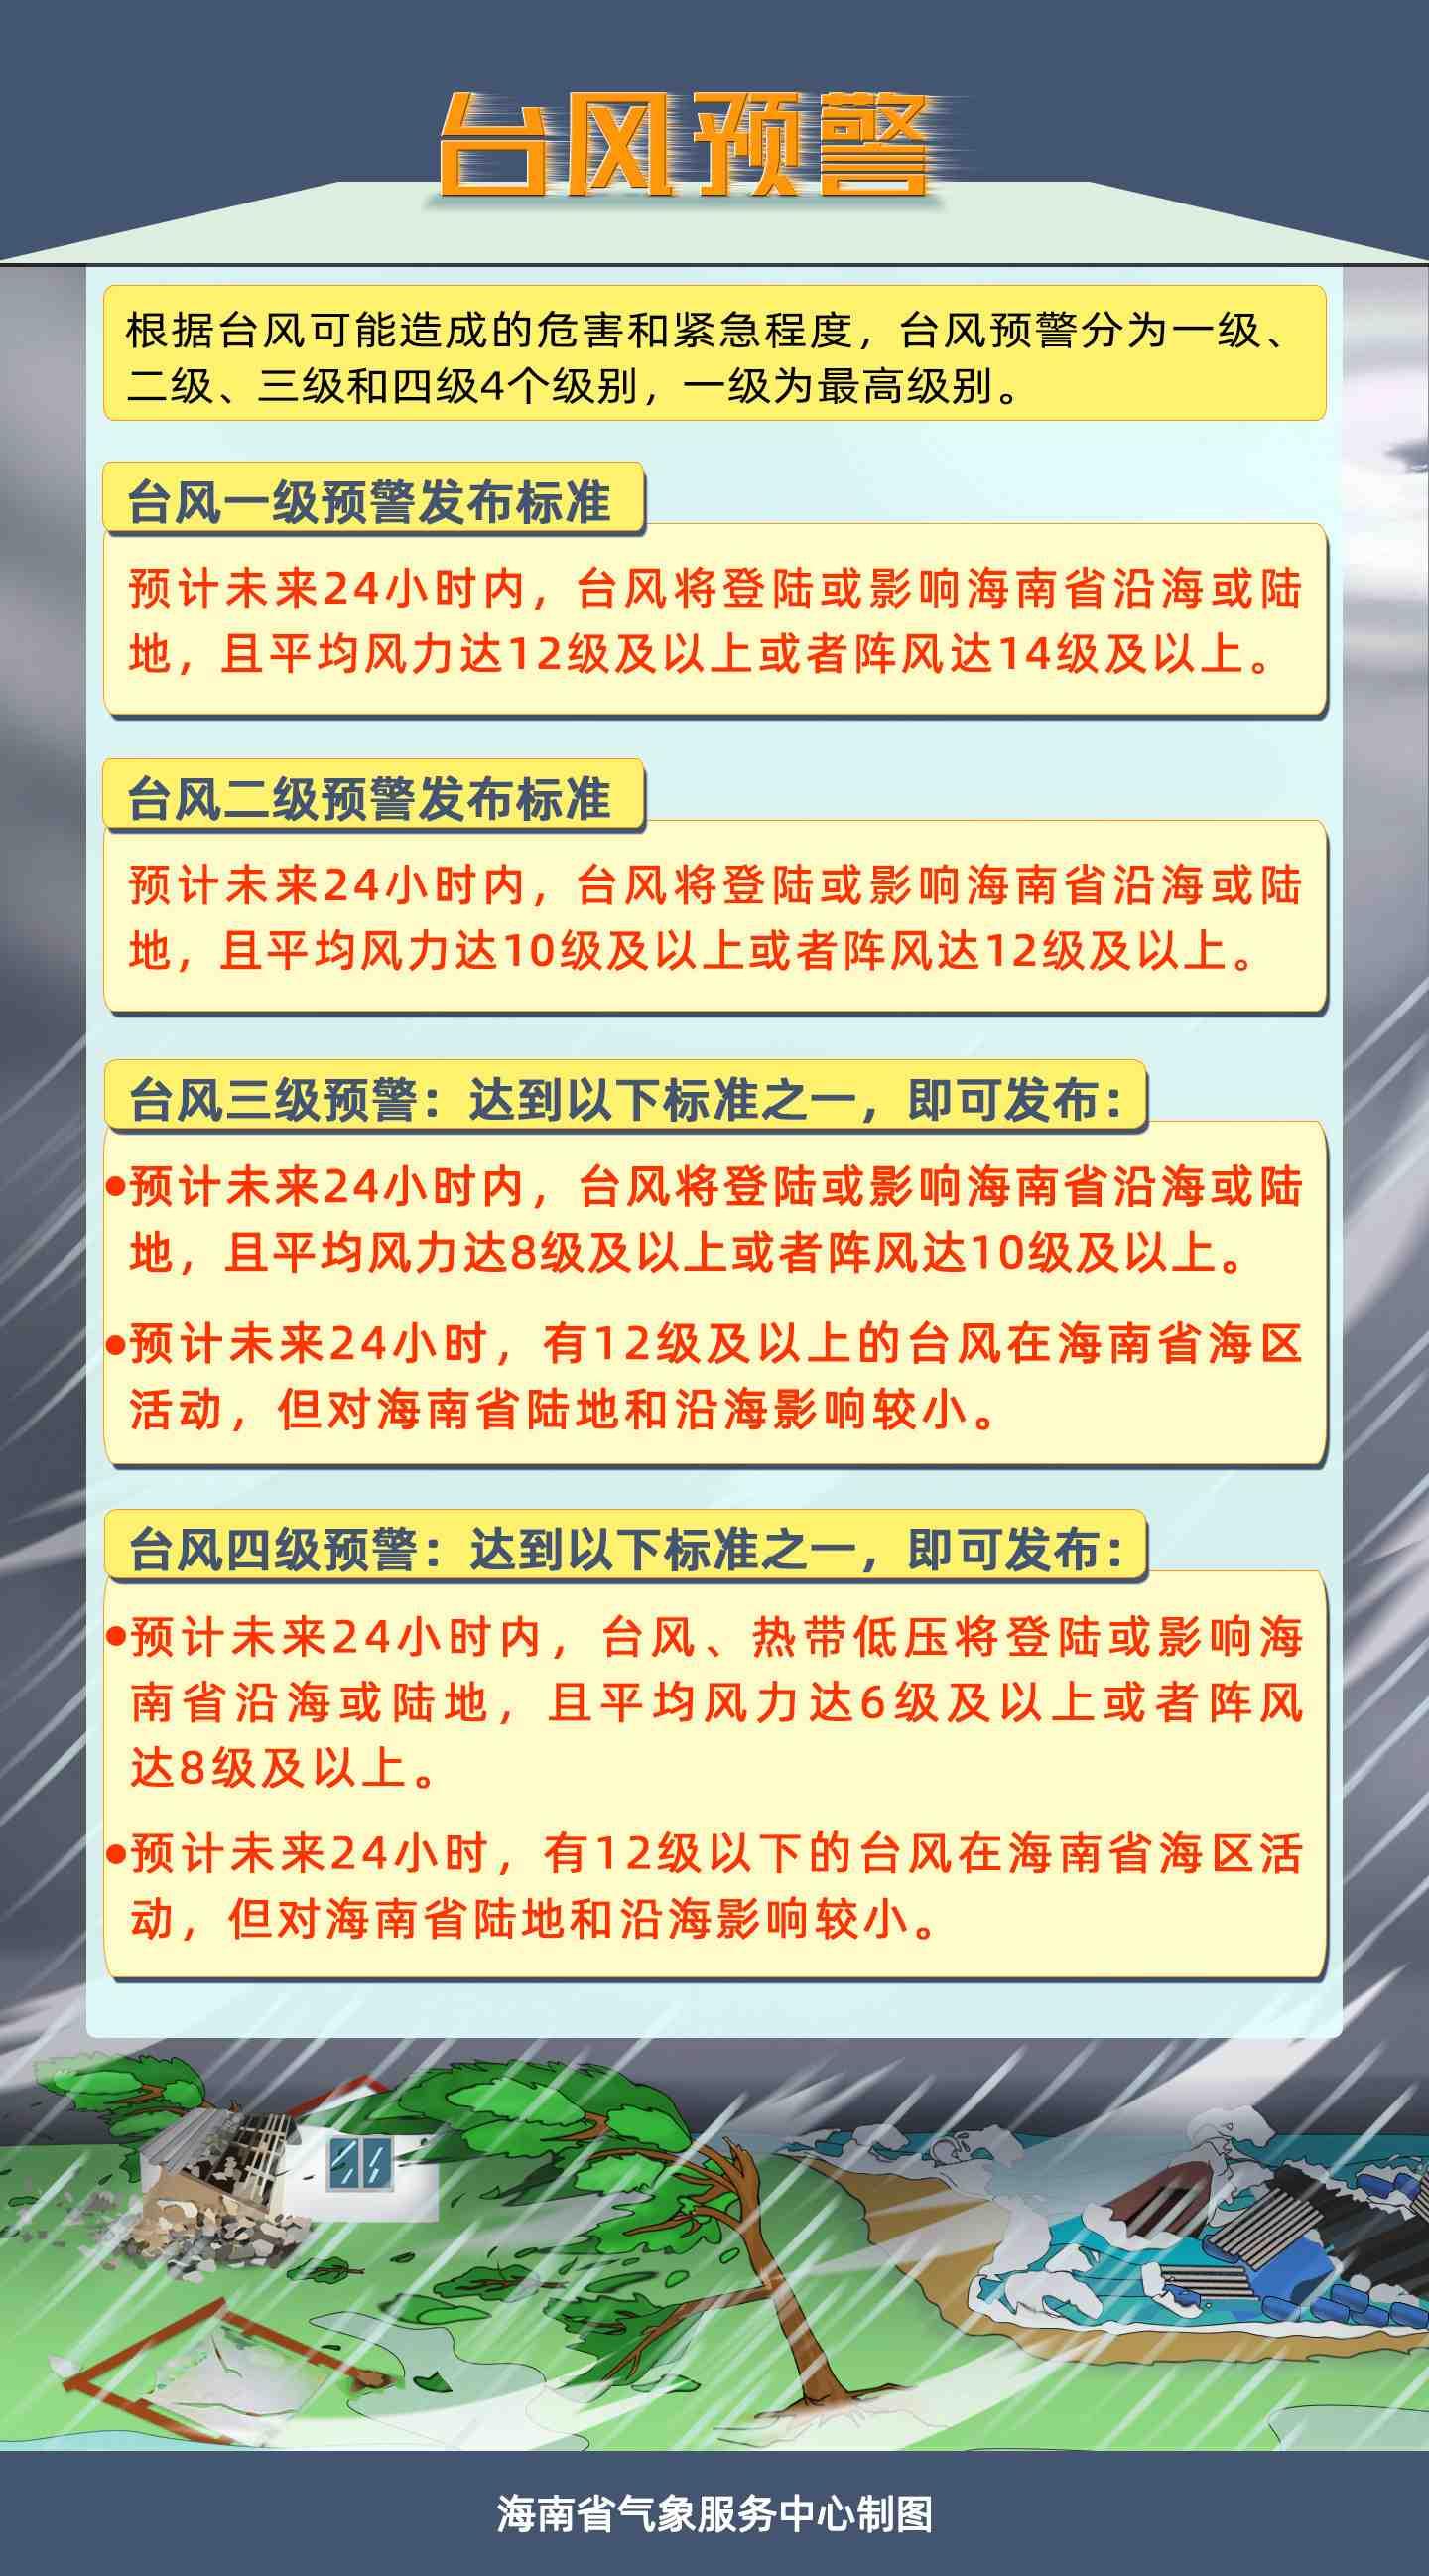 海南省气象局2020年11月14日08时20分继续发布台风三级预警图片